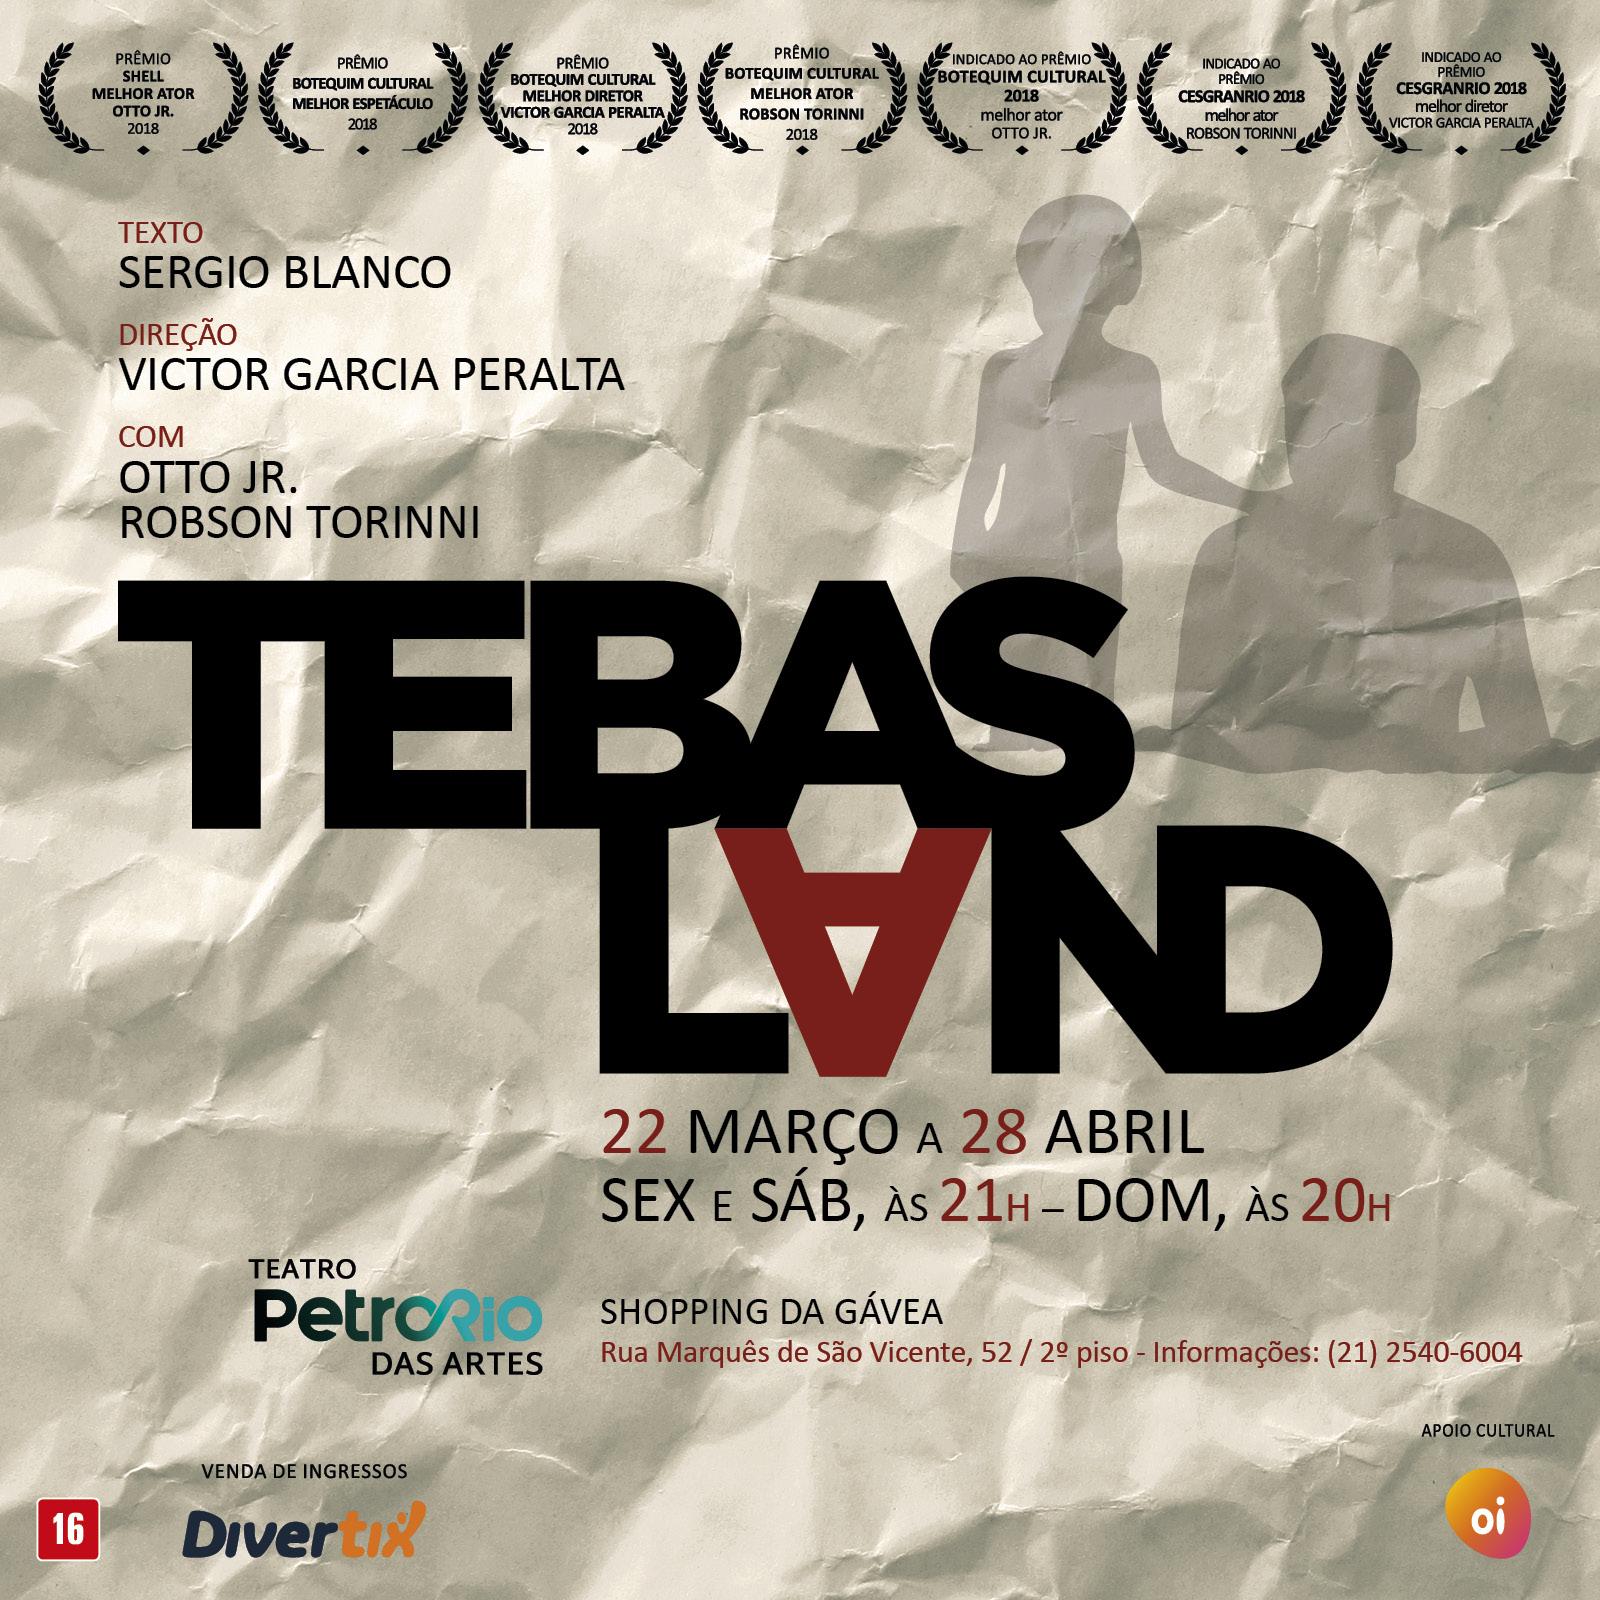 Νέα μετάφραση στο Solo Teatro! Θήβα (Tebas Land) του Σέρχιο Μπλάνκο